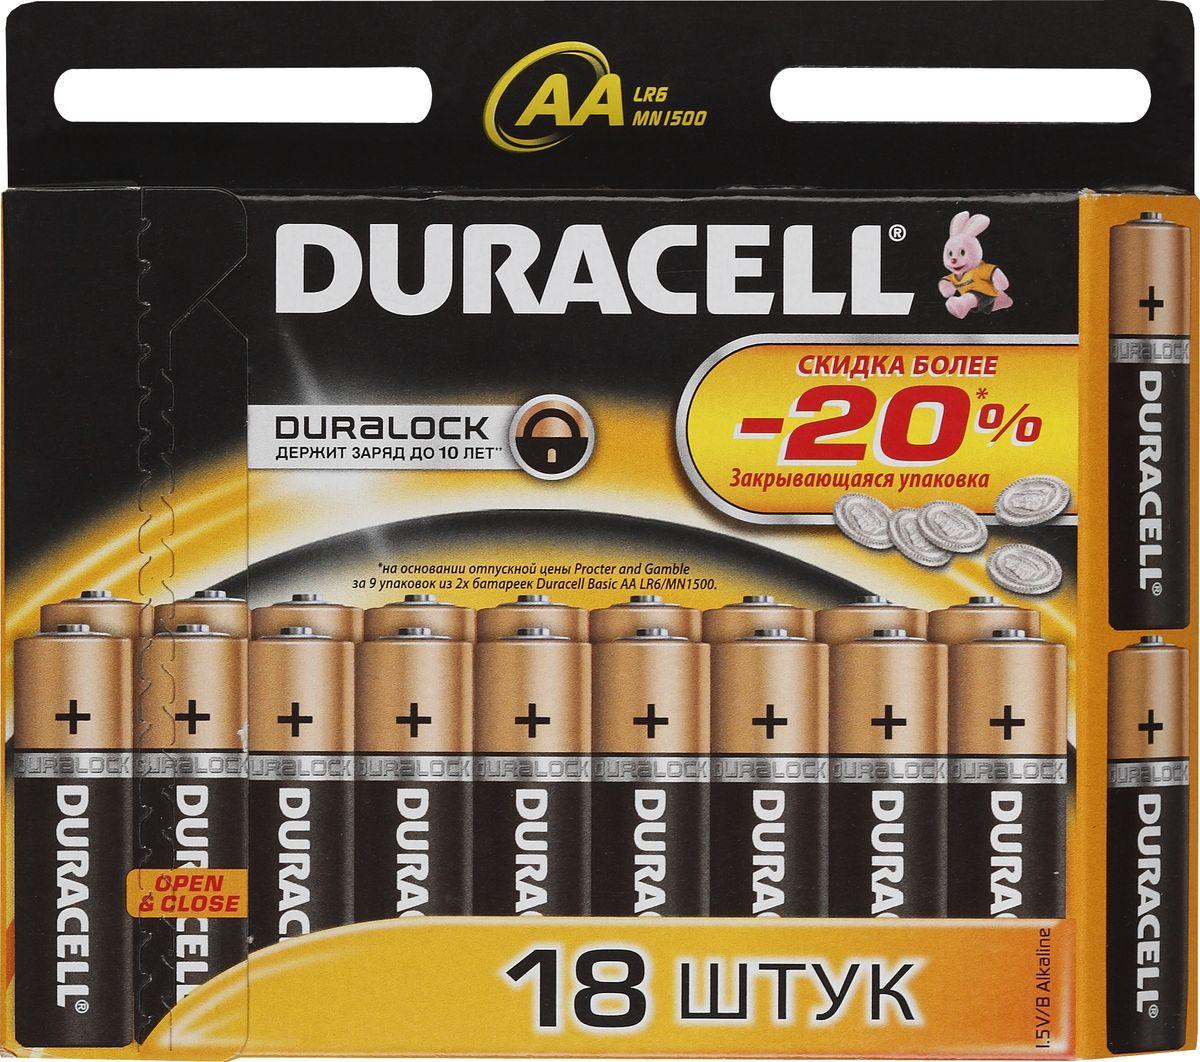 Набор алкалиновых батареек Duracell Basic, LR6-18BL, 18 шт81483682Набор батареек Duracell Basic предназначен для использования в различных электронных устройствах небольшого размера, например в пультах дистанционного управления, портативных MP3-плеерах, фотоаппаратах, различных беспроводных устройствах.